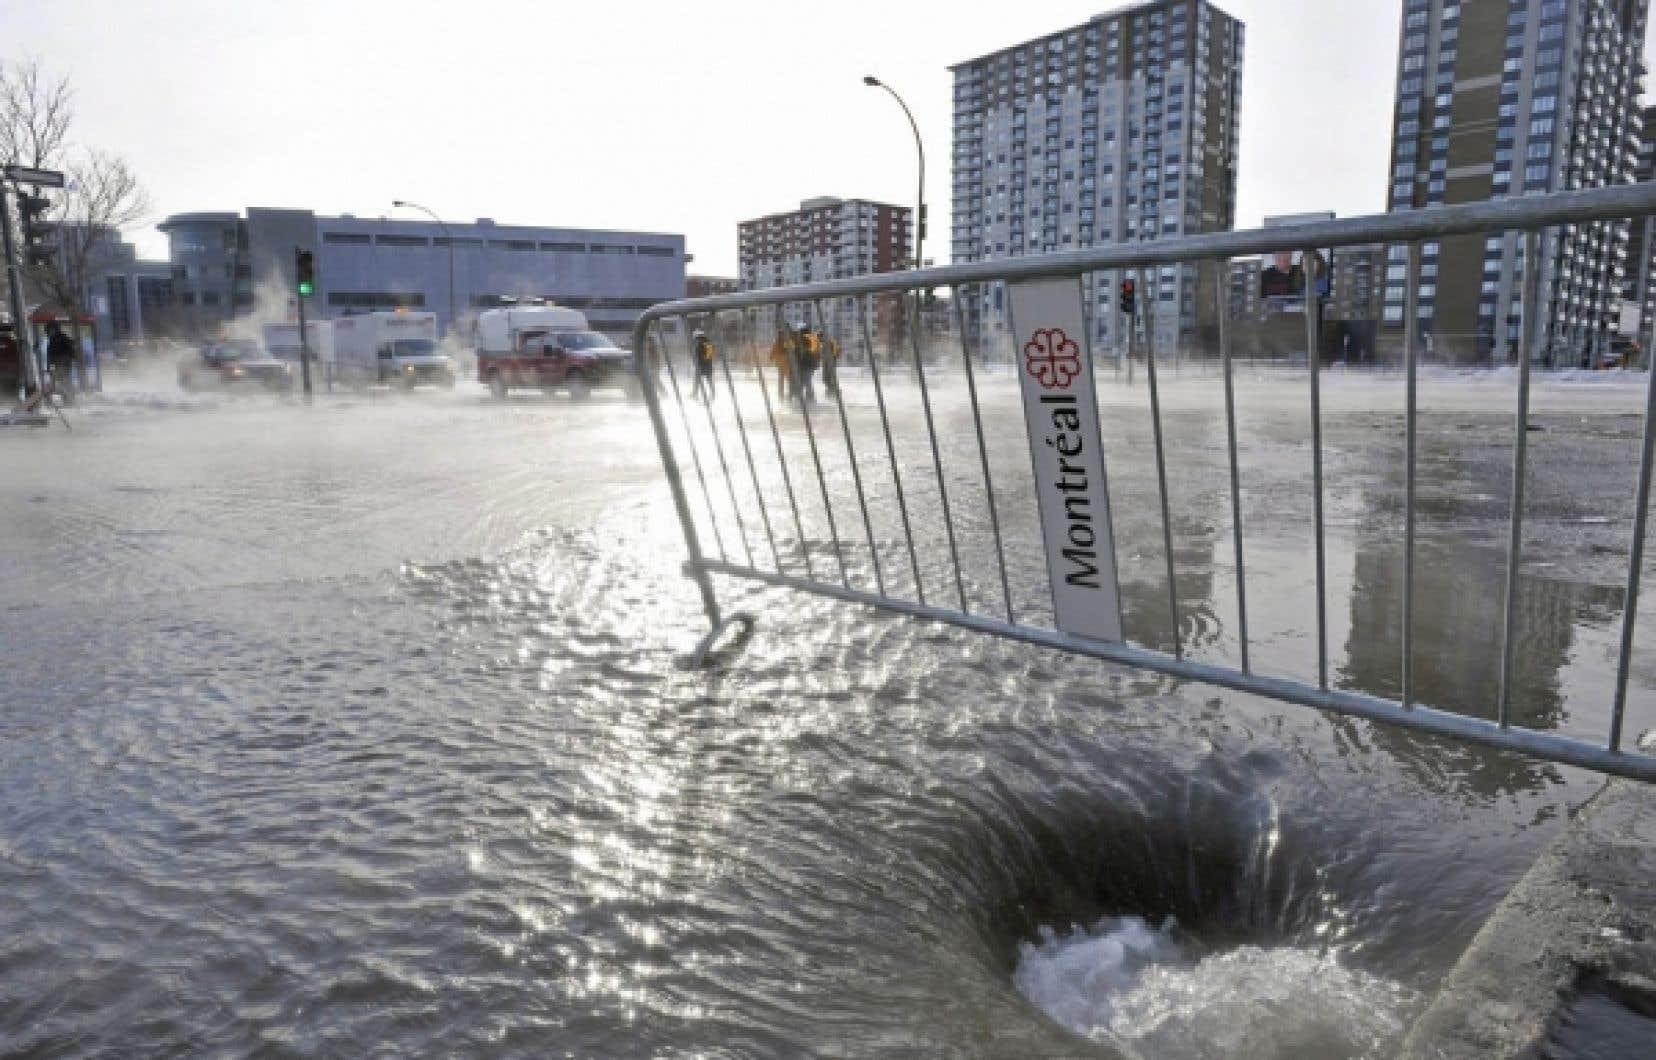 À Montréal, les pertes d'eau potable dues à des failles du réseau d'aqueduc représentent 40% de l'eau traitée. Le gouvernement québécois veut plafonner les pertes à 20 % dans les réseaux municipaux d'ici cinq ans. Ci-dessus, une inondation survenue dans la métropole à la suite du bris d'une conduite d'aqueduc en 2009.